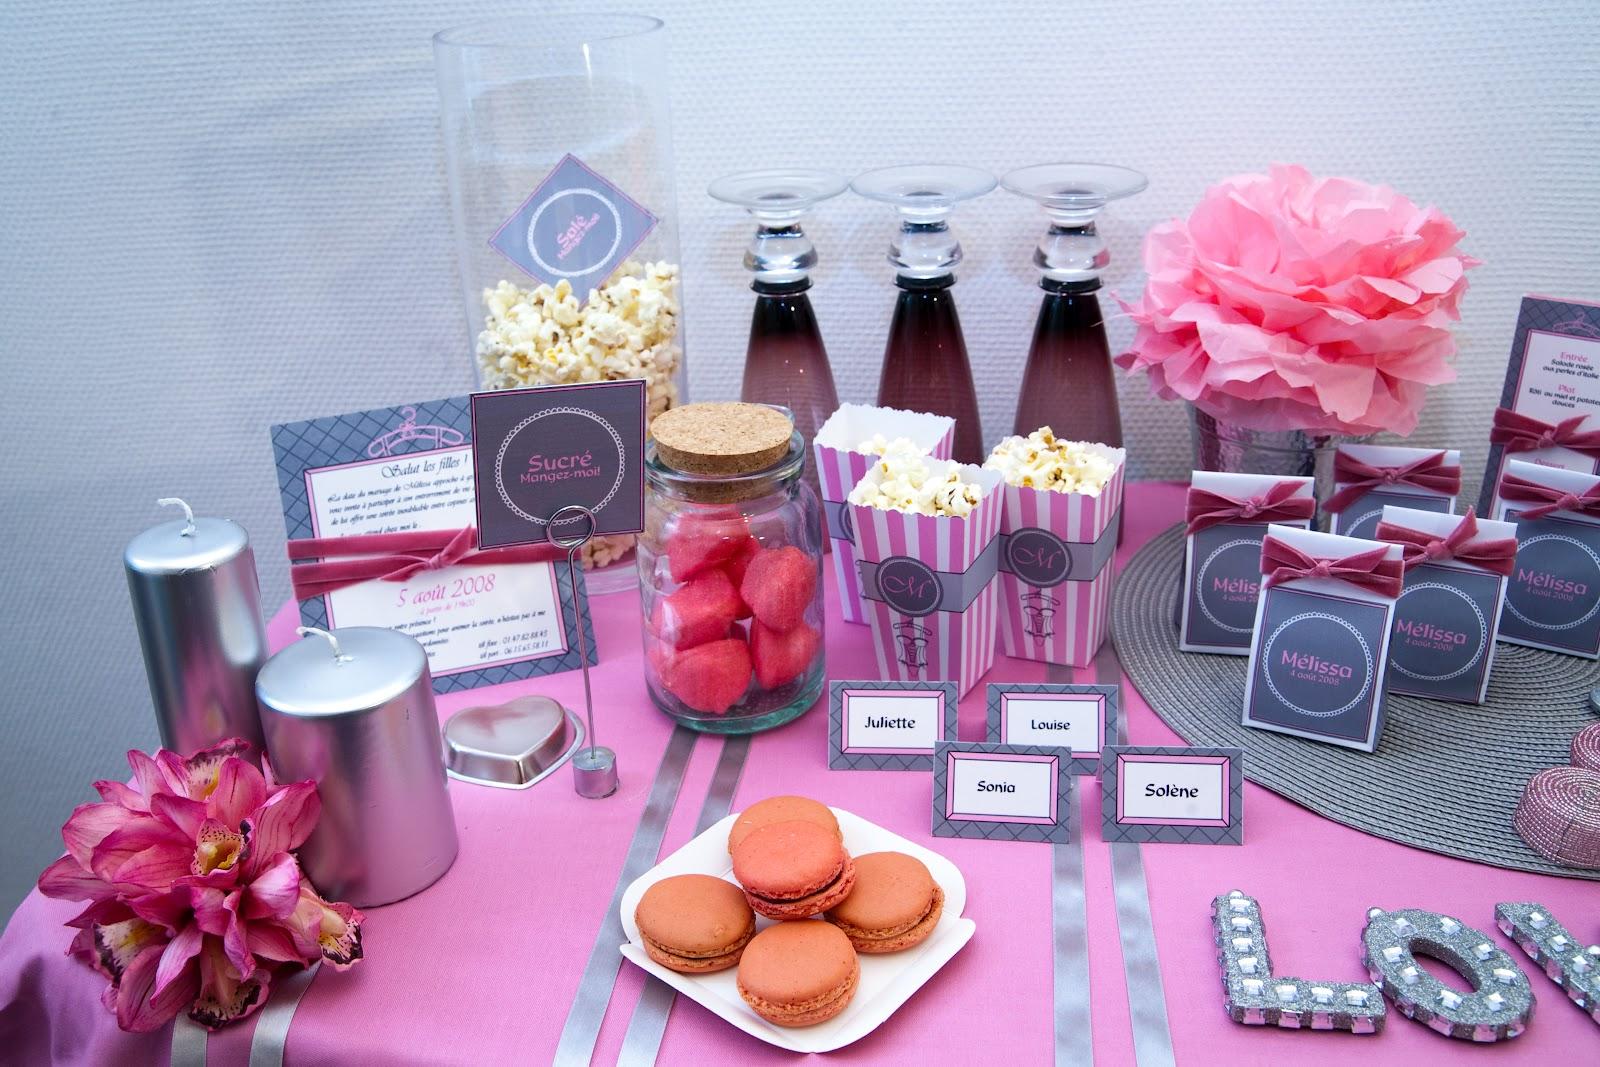 Kit pret à imprimer installé sur nappe rose avec bonbons pop corn